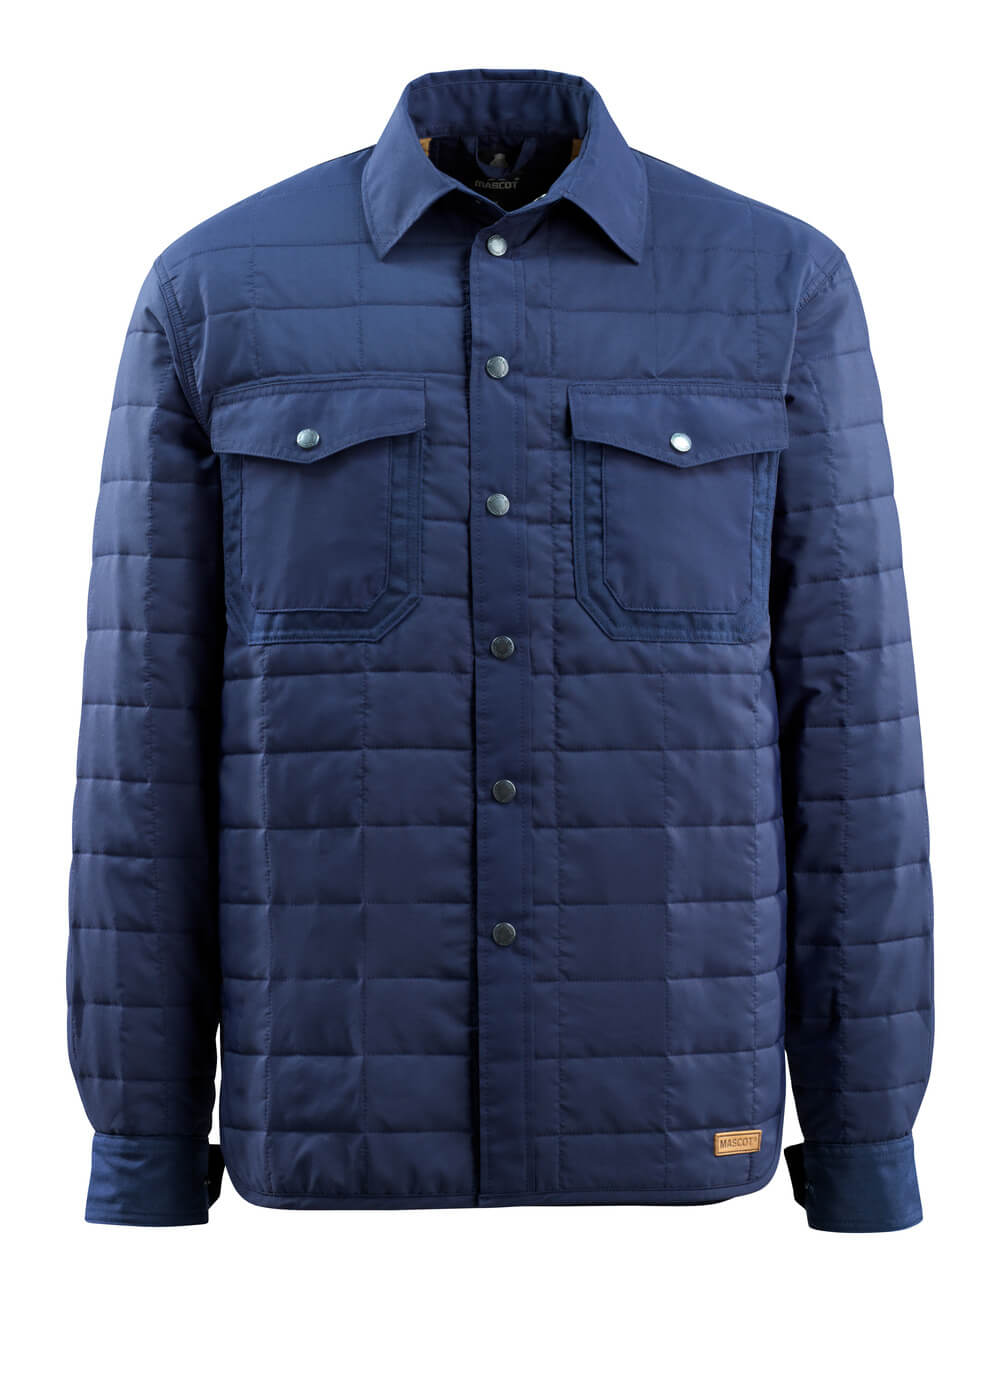 15304-097-01 Skjorte med fôr - marine